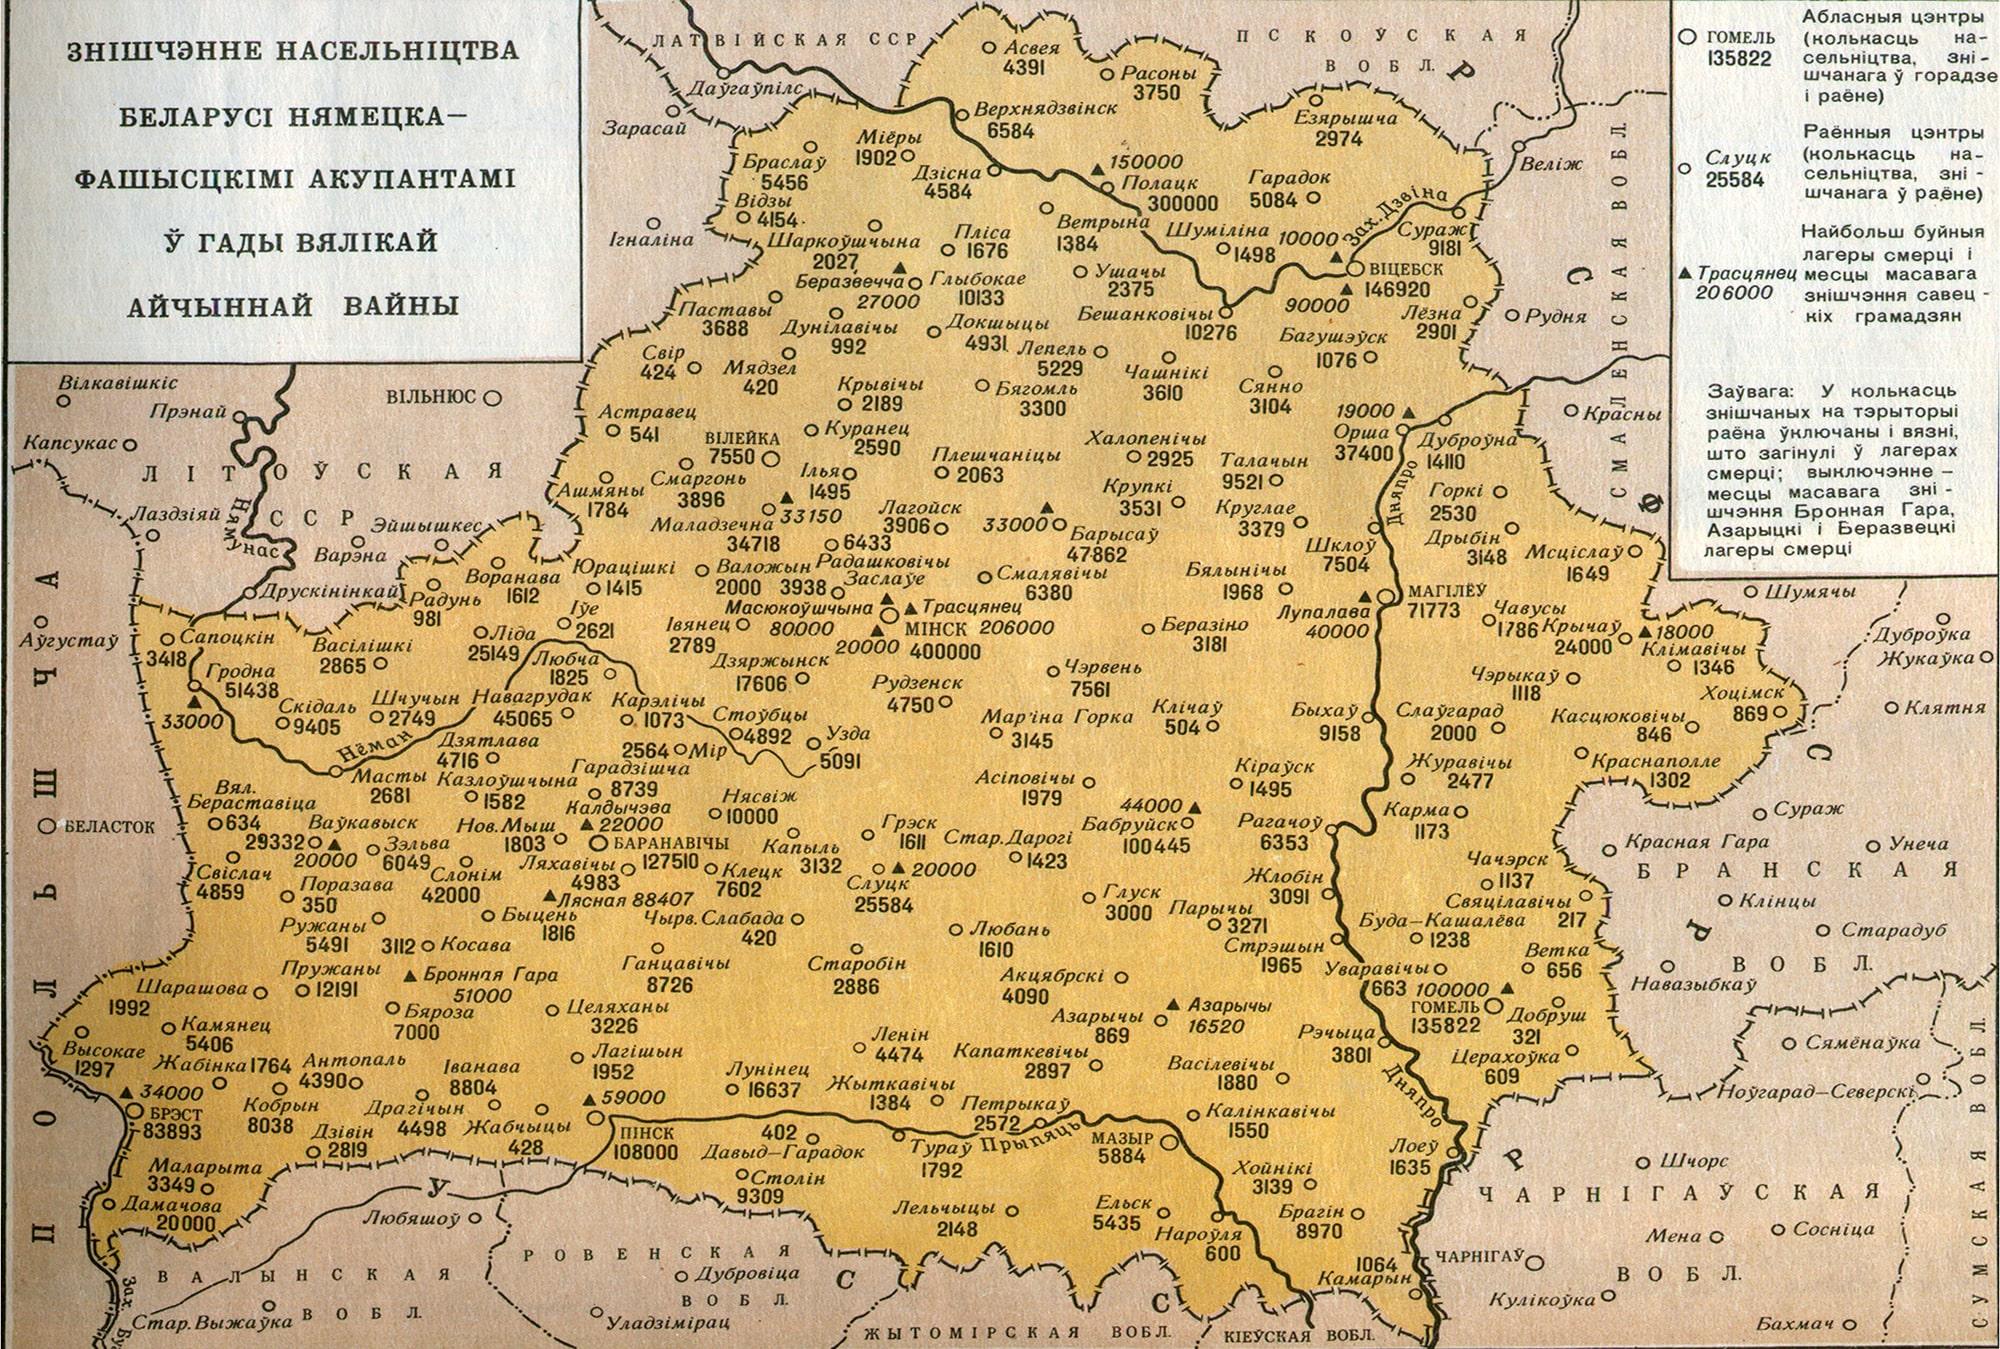 Карта уничтожения мирного населения